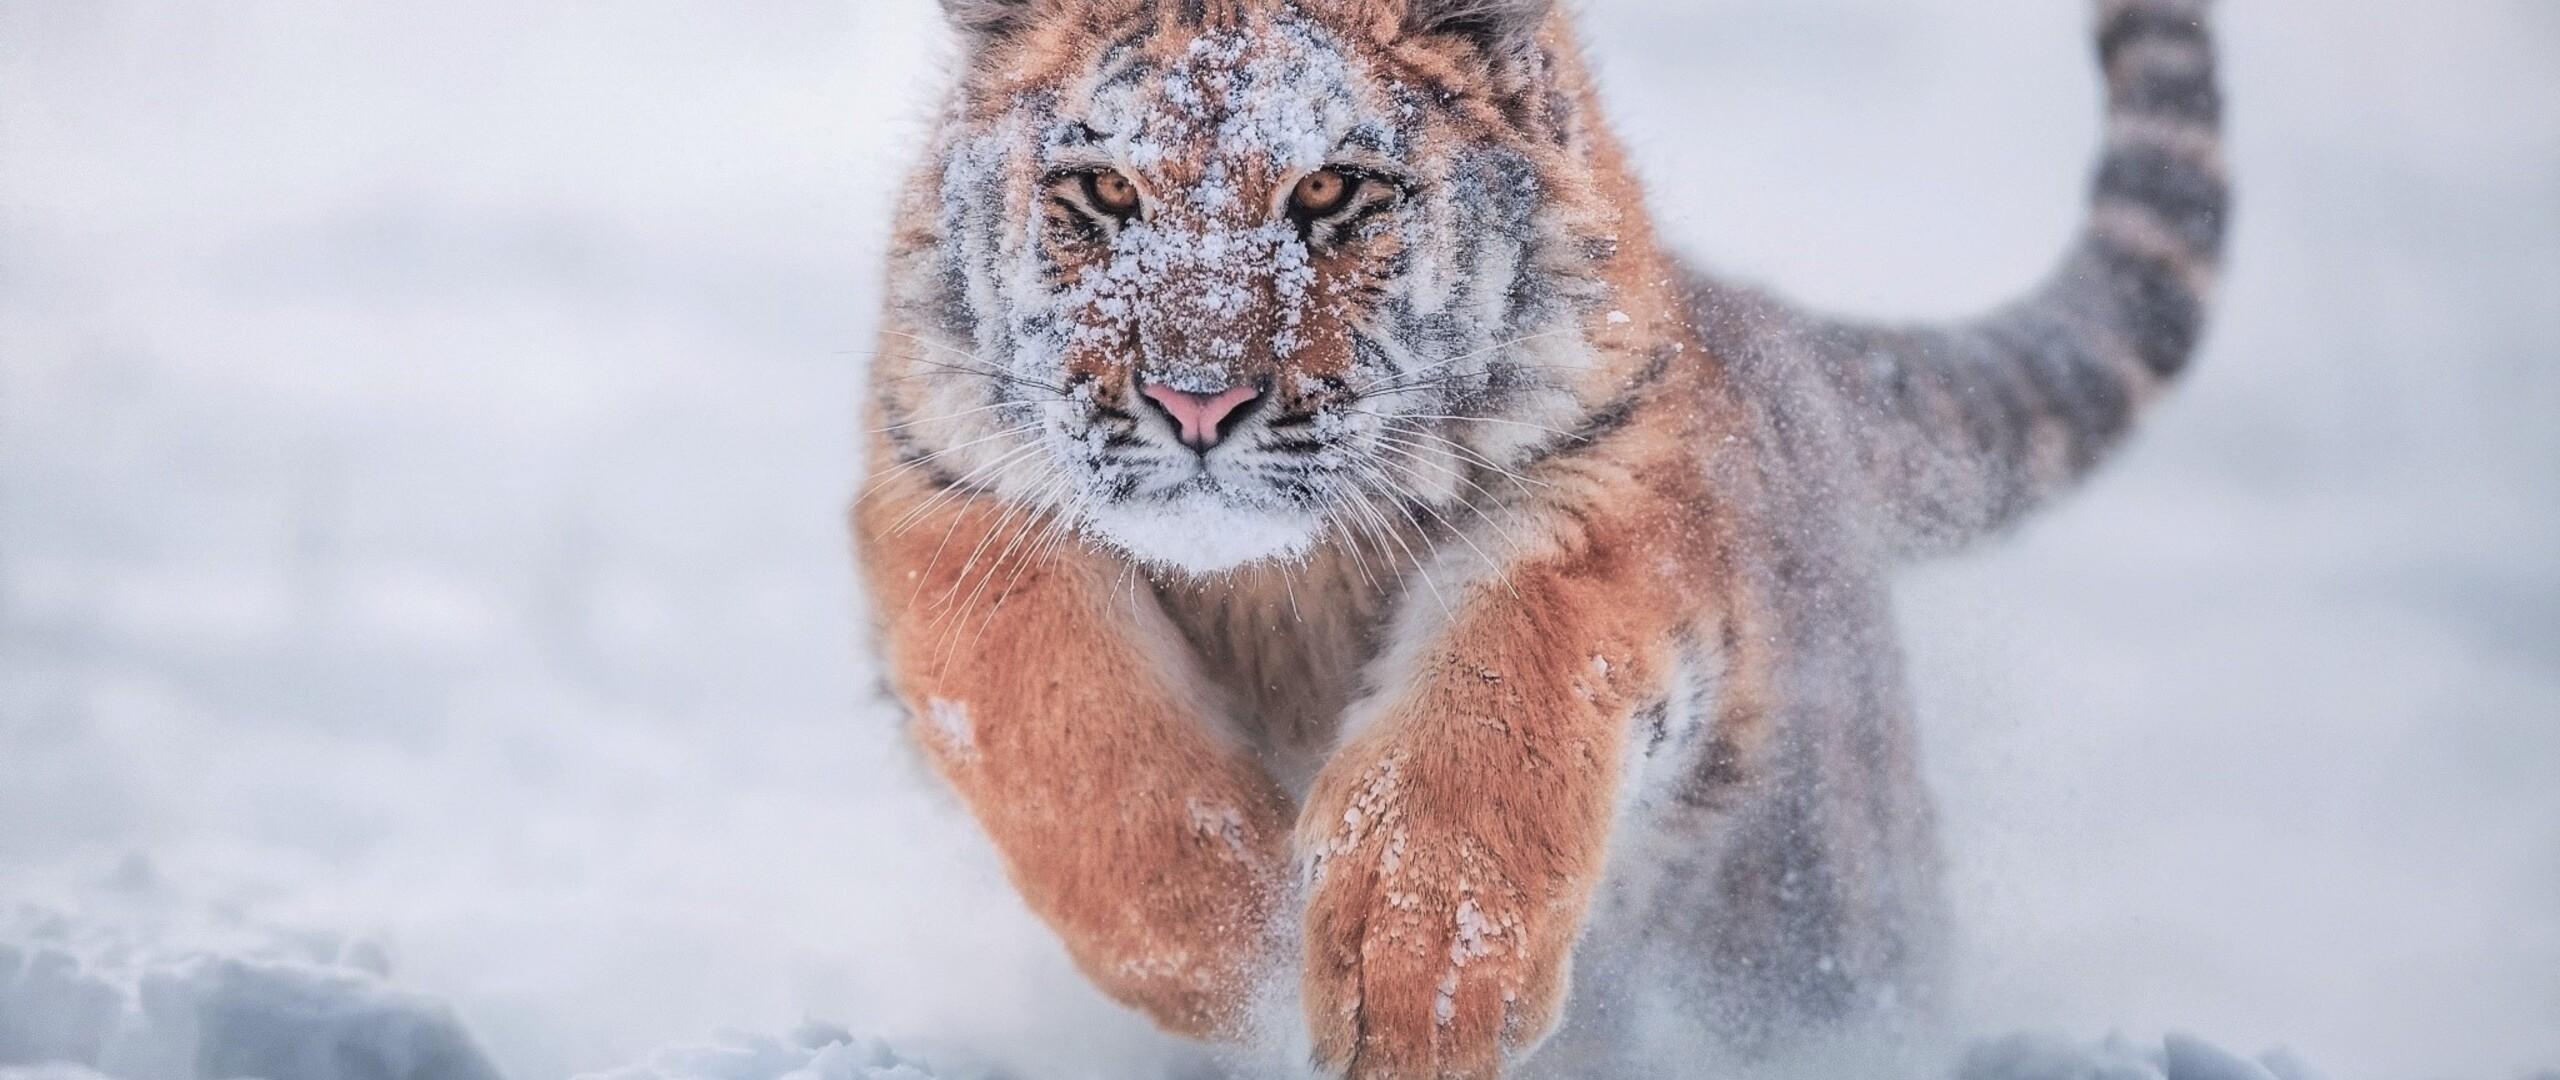 тигр на снегу скачать